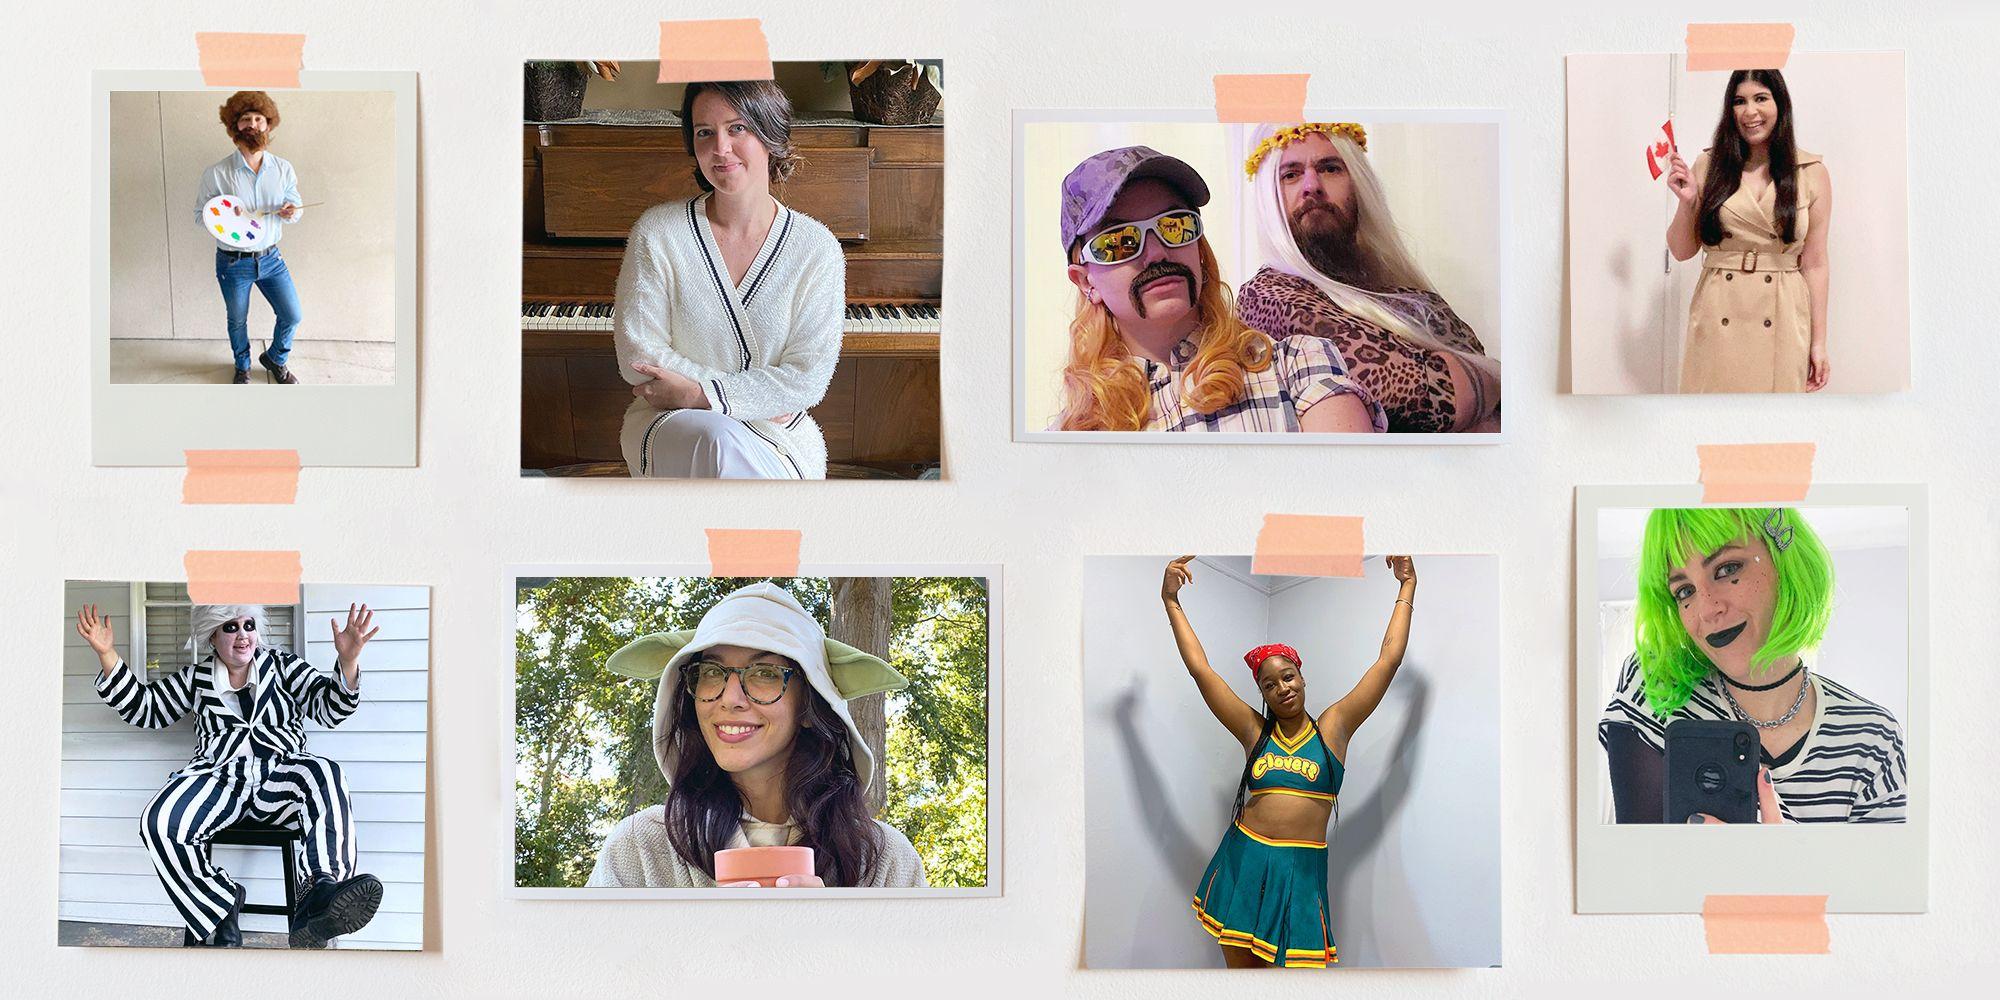 Hype 2020 Halloween Costume Ideas 50+ Best Halloween Costumes of 2020   Halloween Costume Ideas for